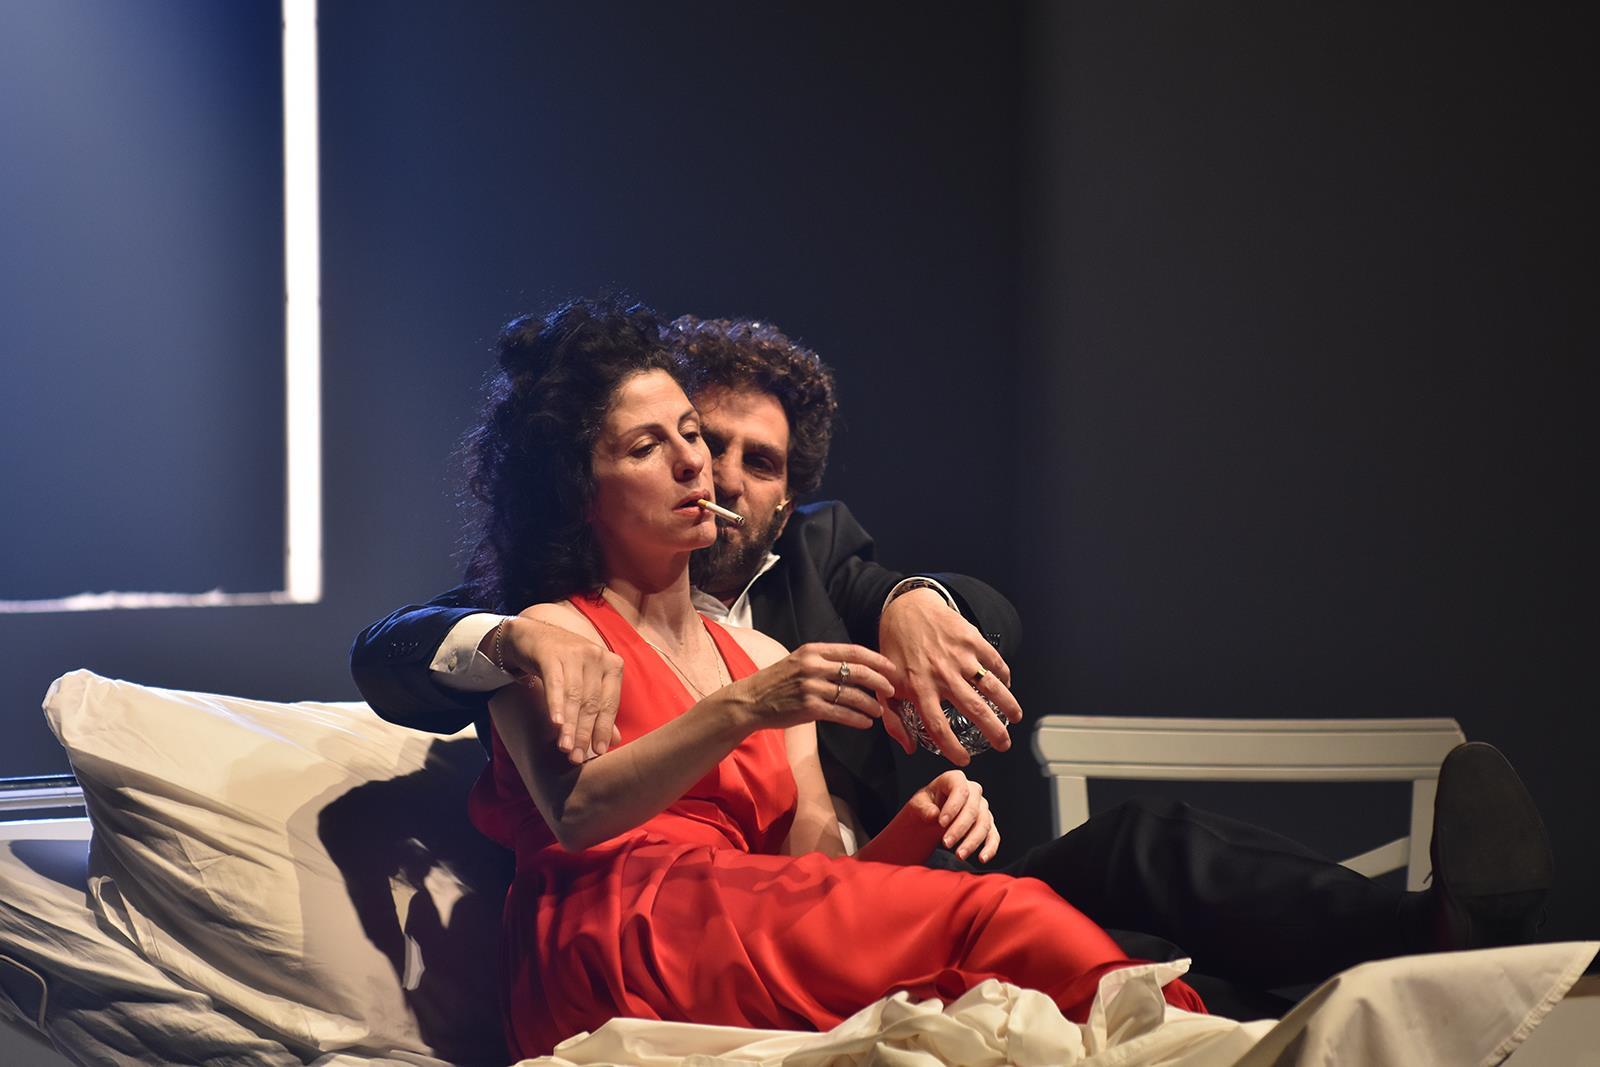 Театр «Гешер». Сцена из спектакля «Мама». Фото: Сергей Демянчук